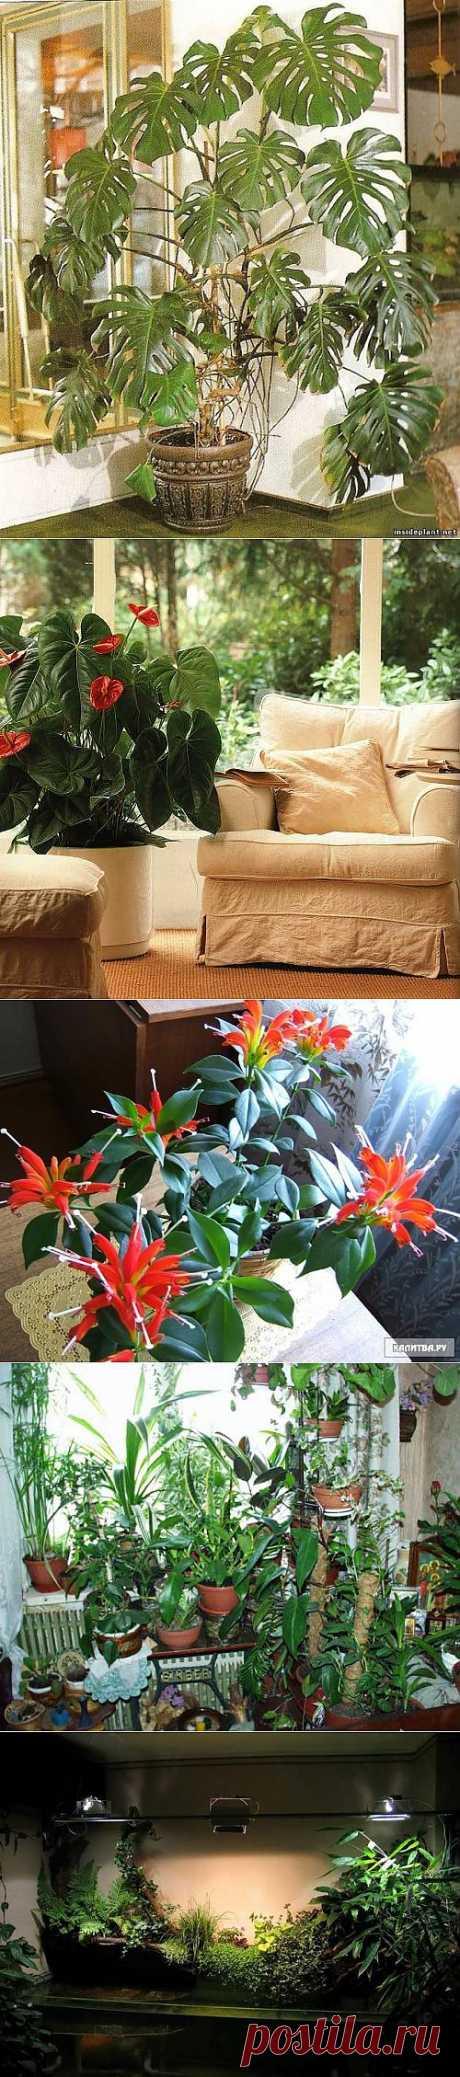 Украшаем помещение растениями / Домоседы